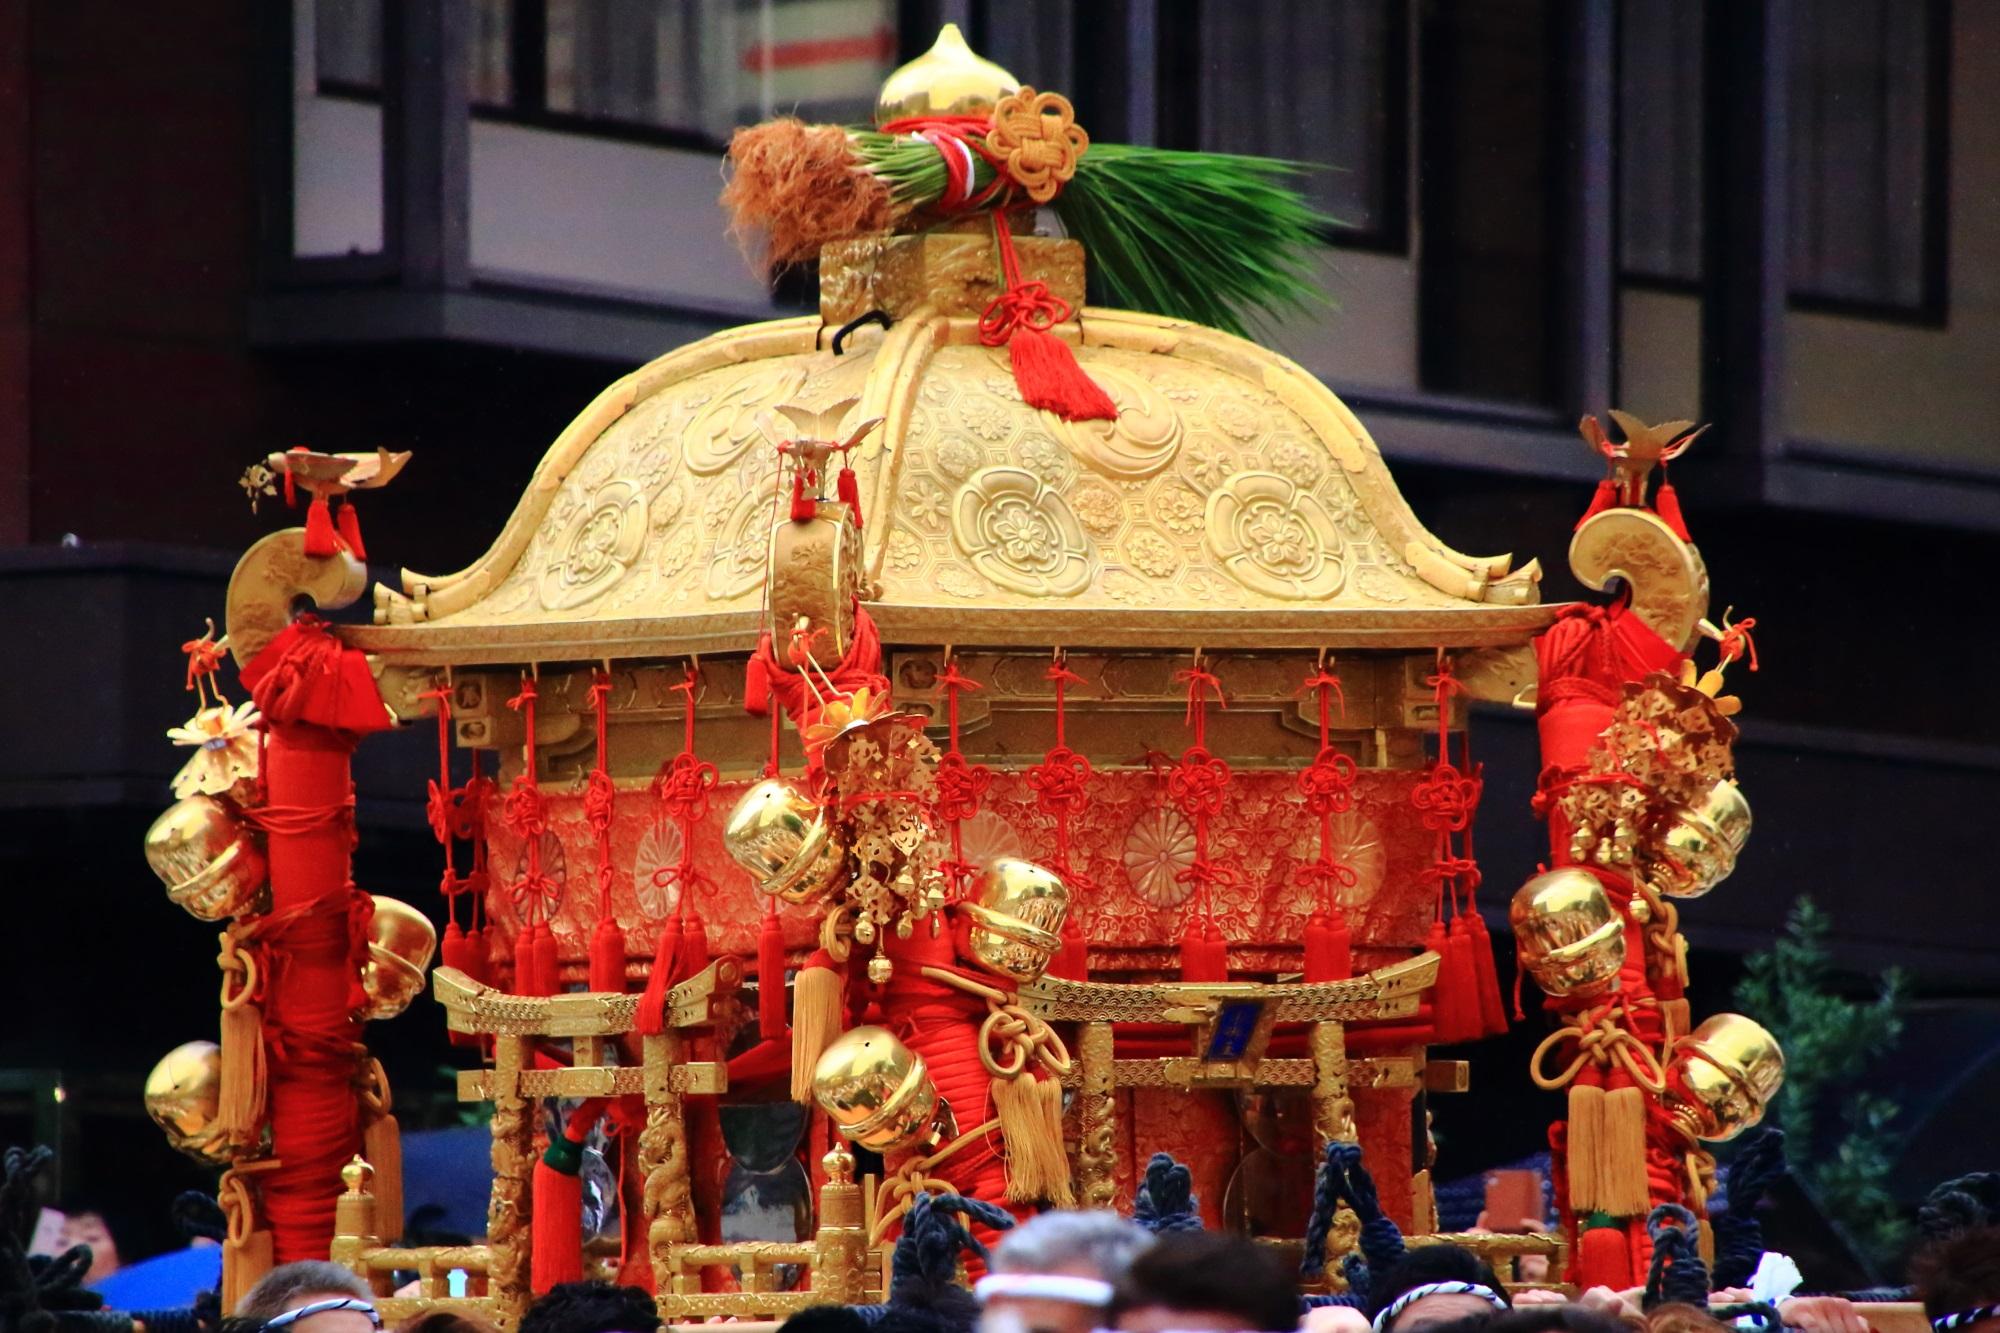 神輿 祇園祭 神幸祭 日本三大祭